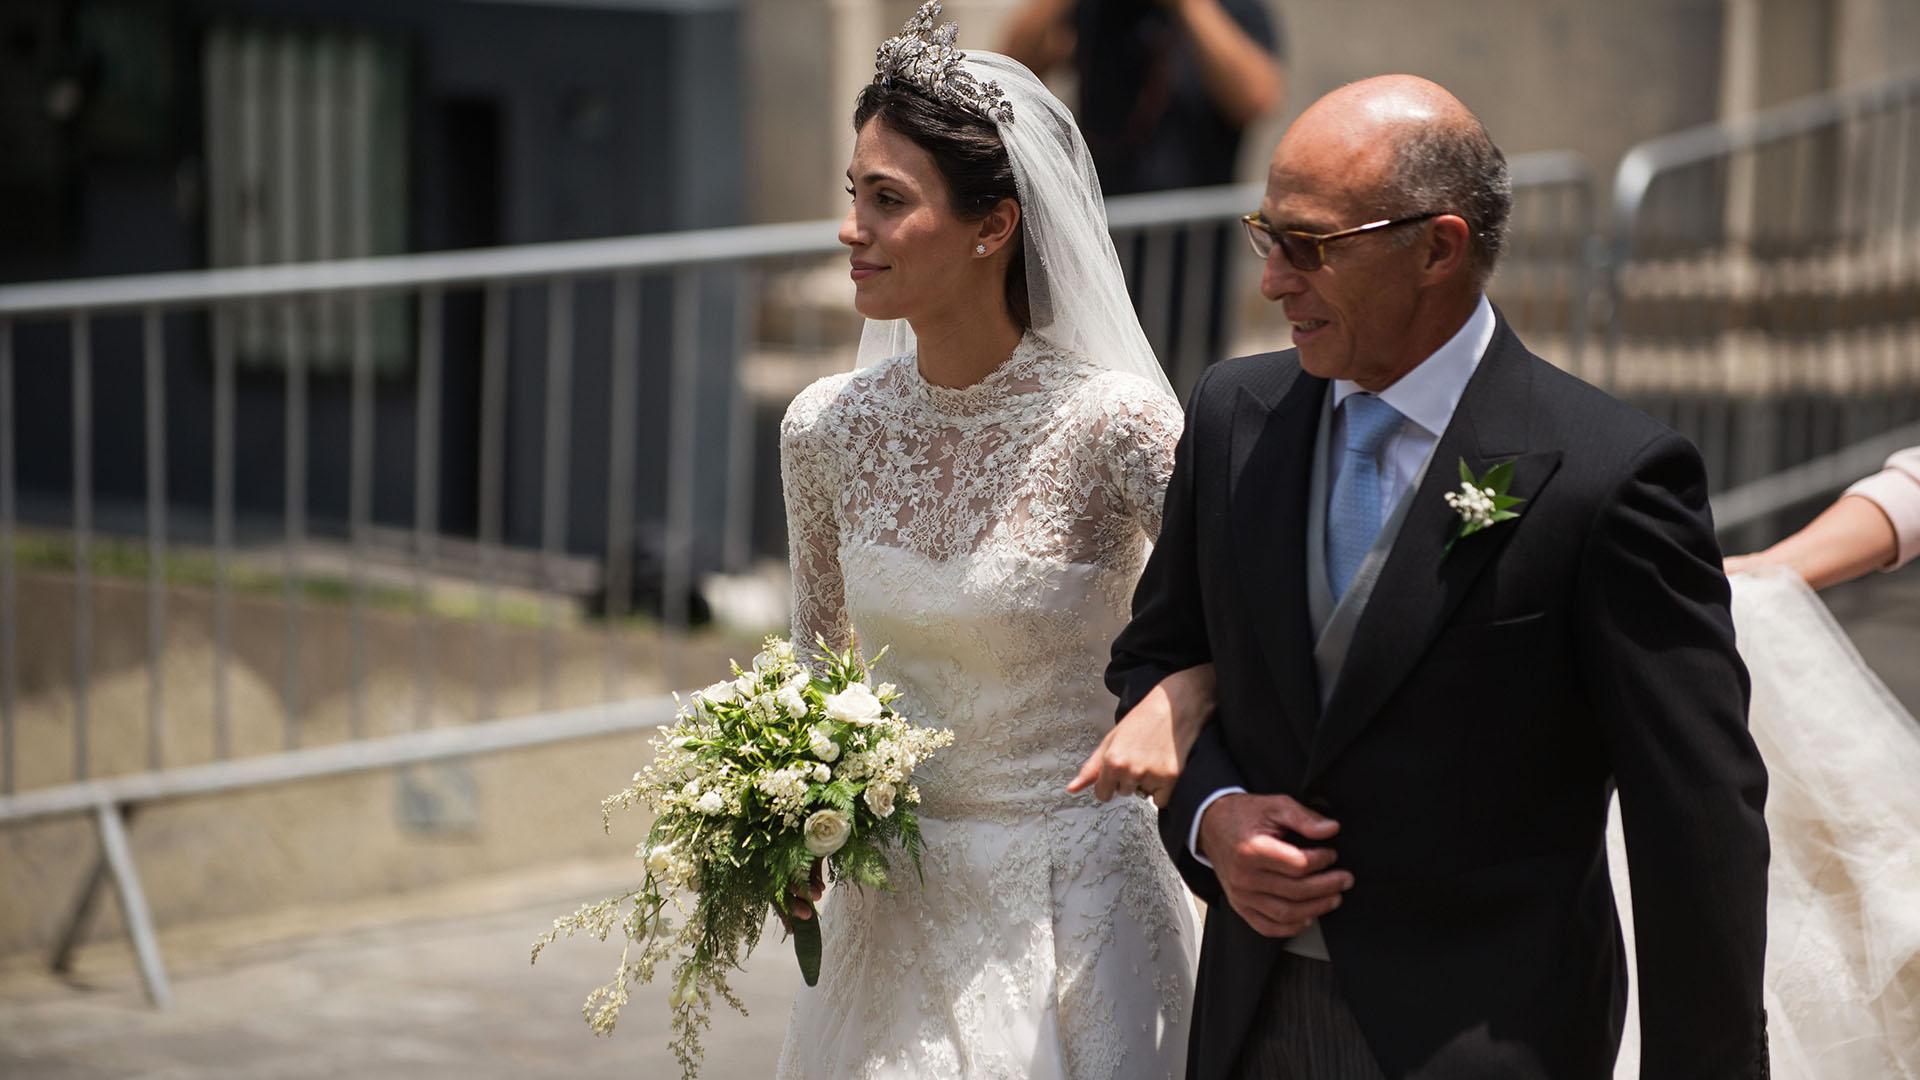 La diadema que lució la nueva princesa consorte está elaborada en plata y oro con incrustaciones de cientos de diamantes diseños florales que simbolizan la lealtad.